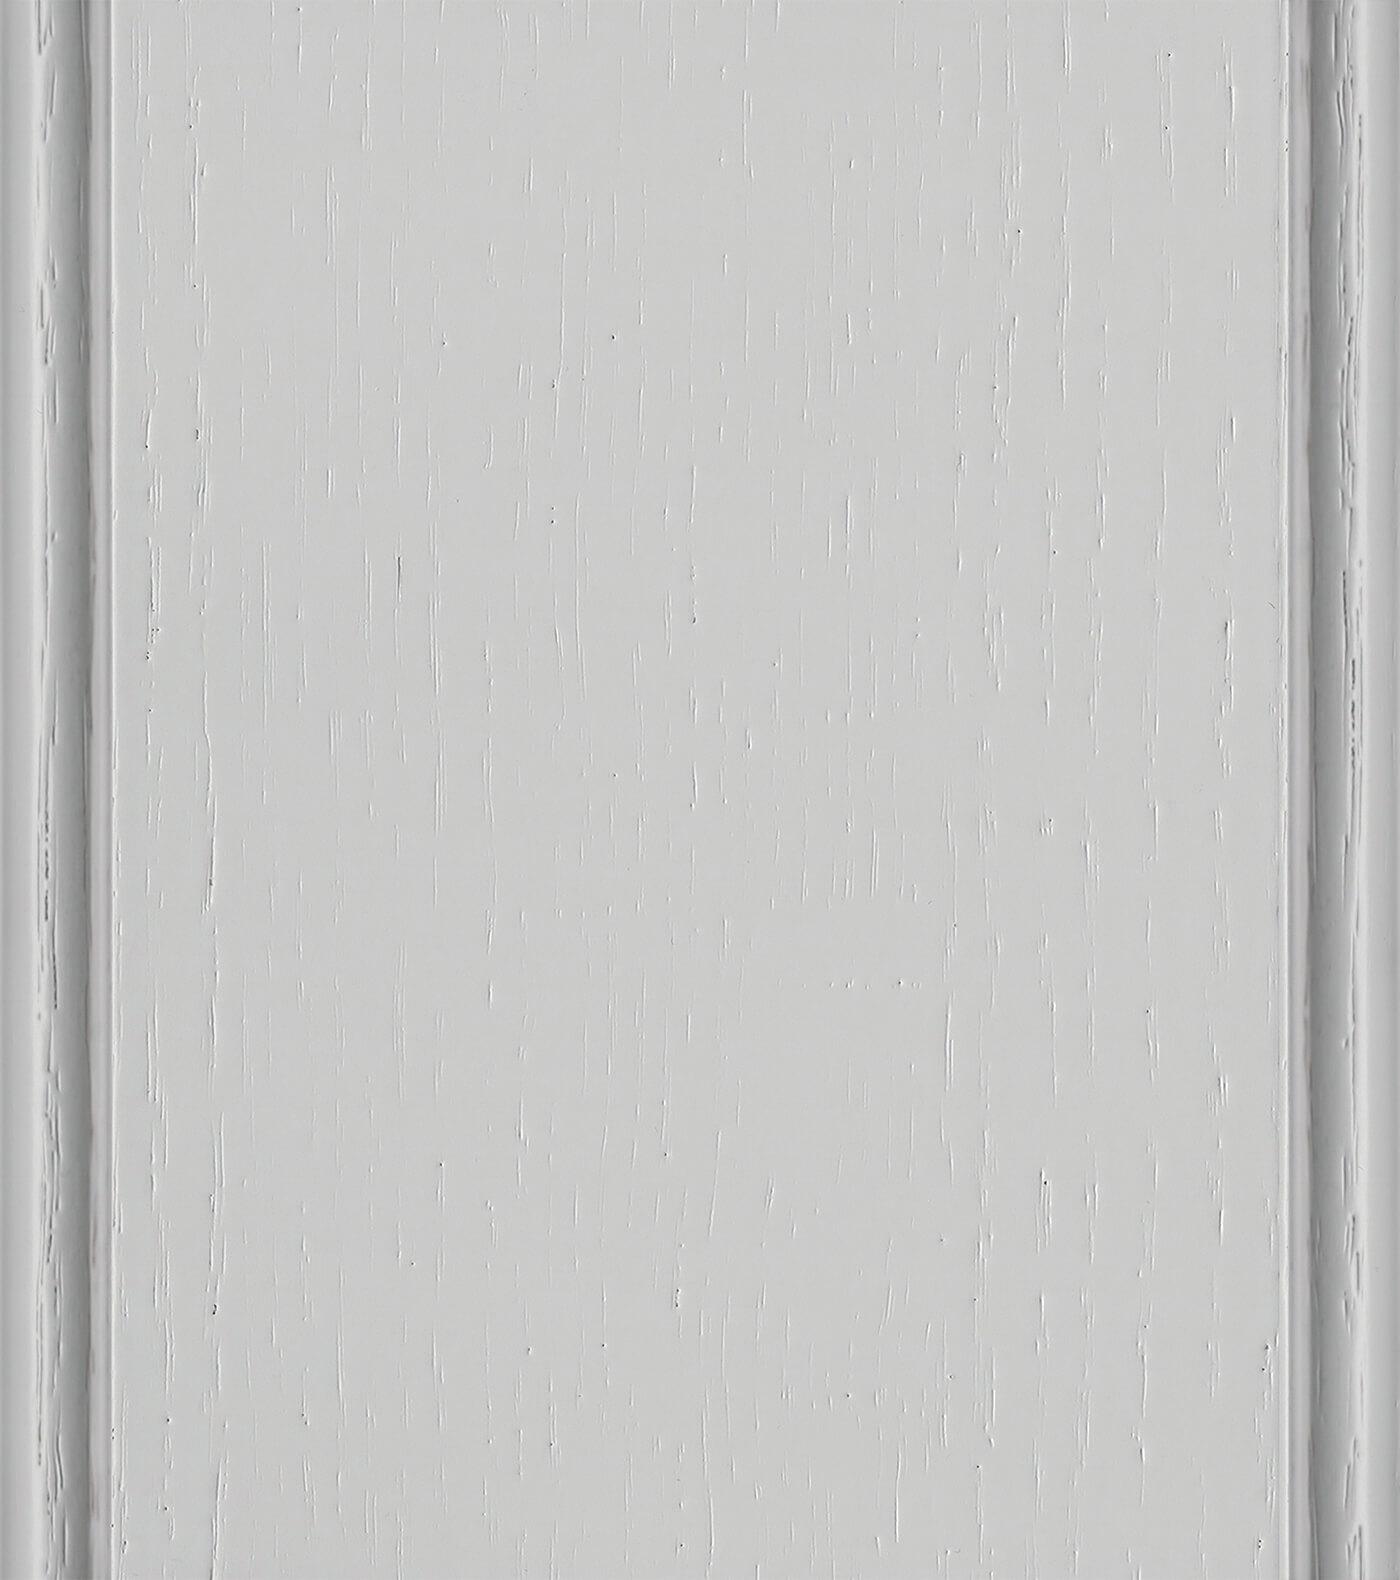 Silver Mist Paint on Red Oak or Quarter-Sawn Red Oak